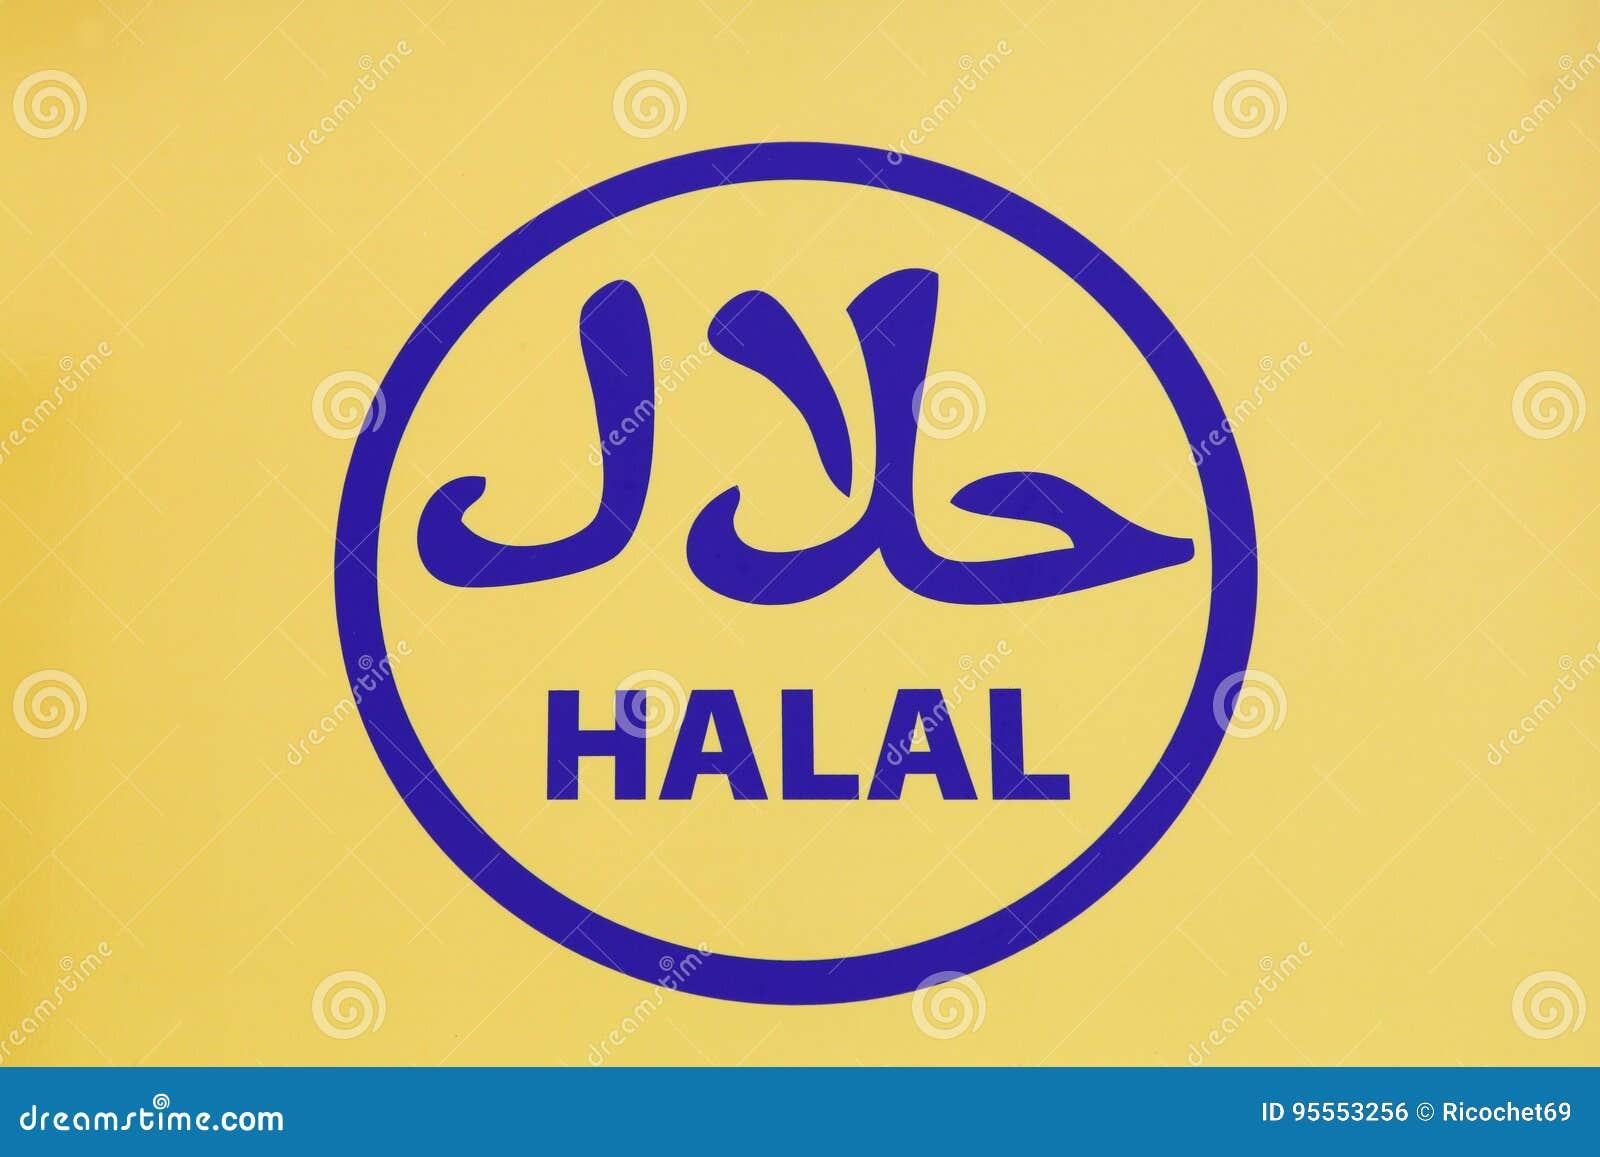 Halal food sign